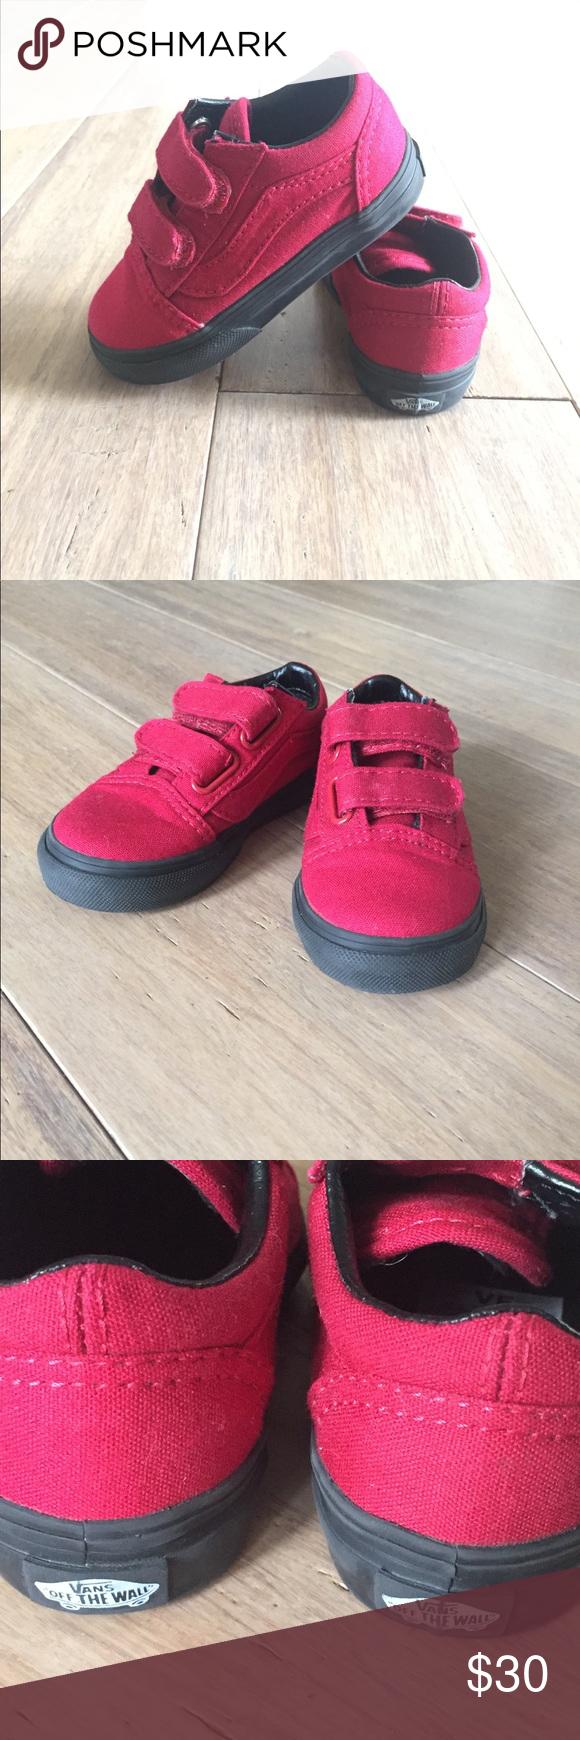 Rare Vans Old Skool V Toddler Shoes Size 6 Vans Old Skool V Black Sole  Toddler 49cf67857